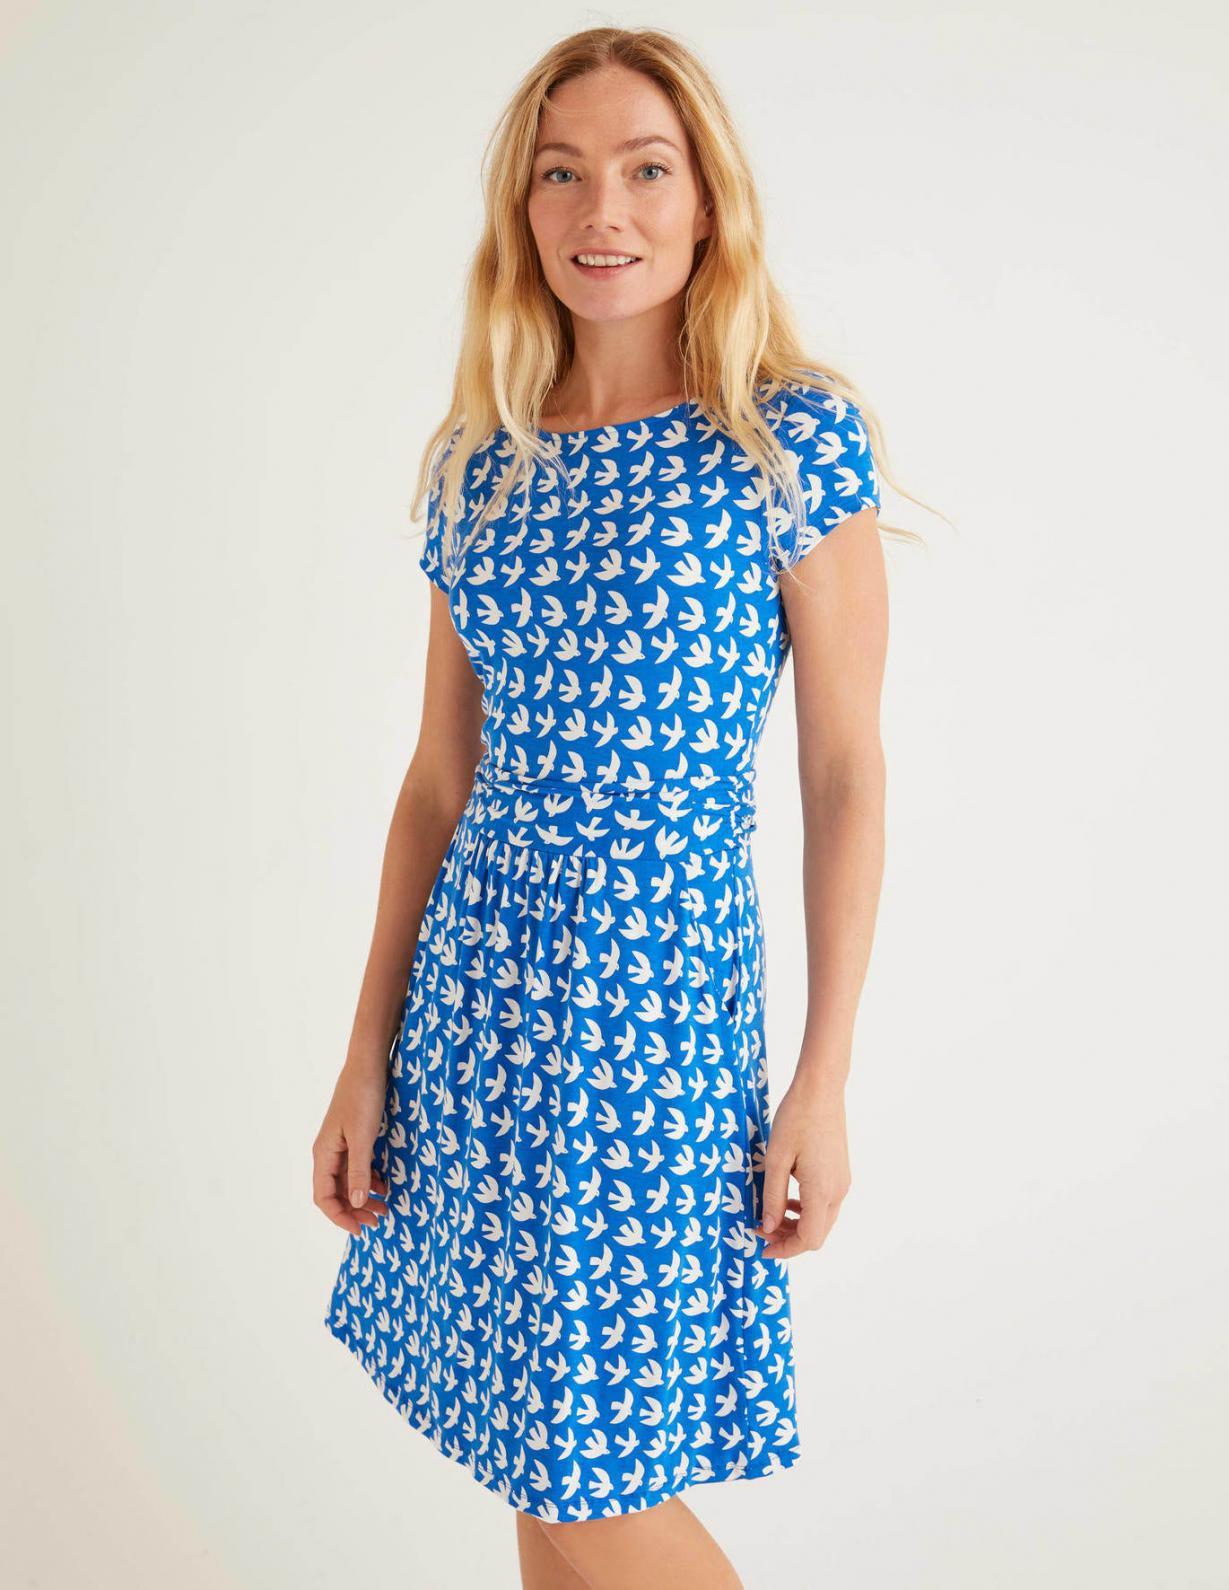 Boden Amelie Jerseykleid Kräftiges Blau Schwalben  Damen